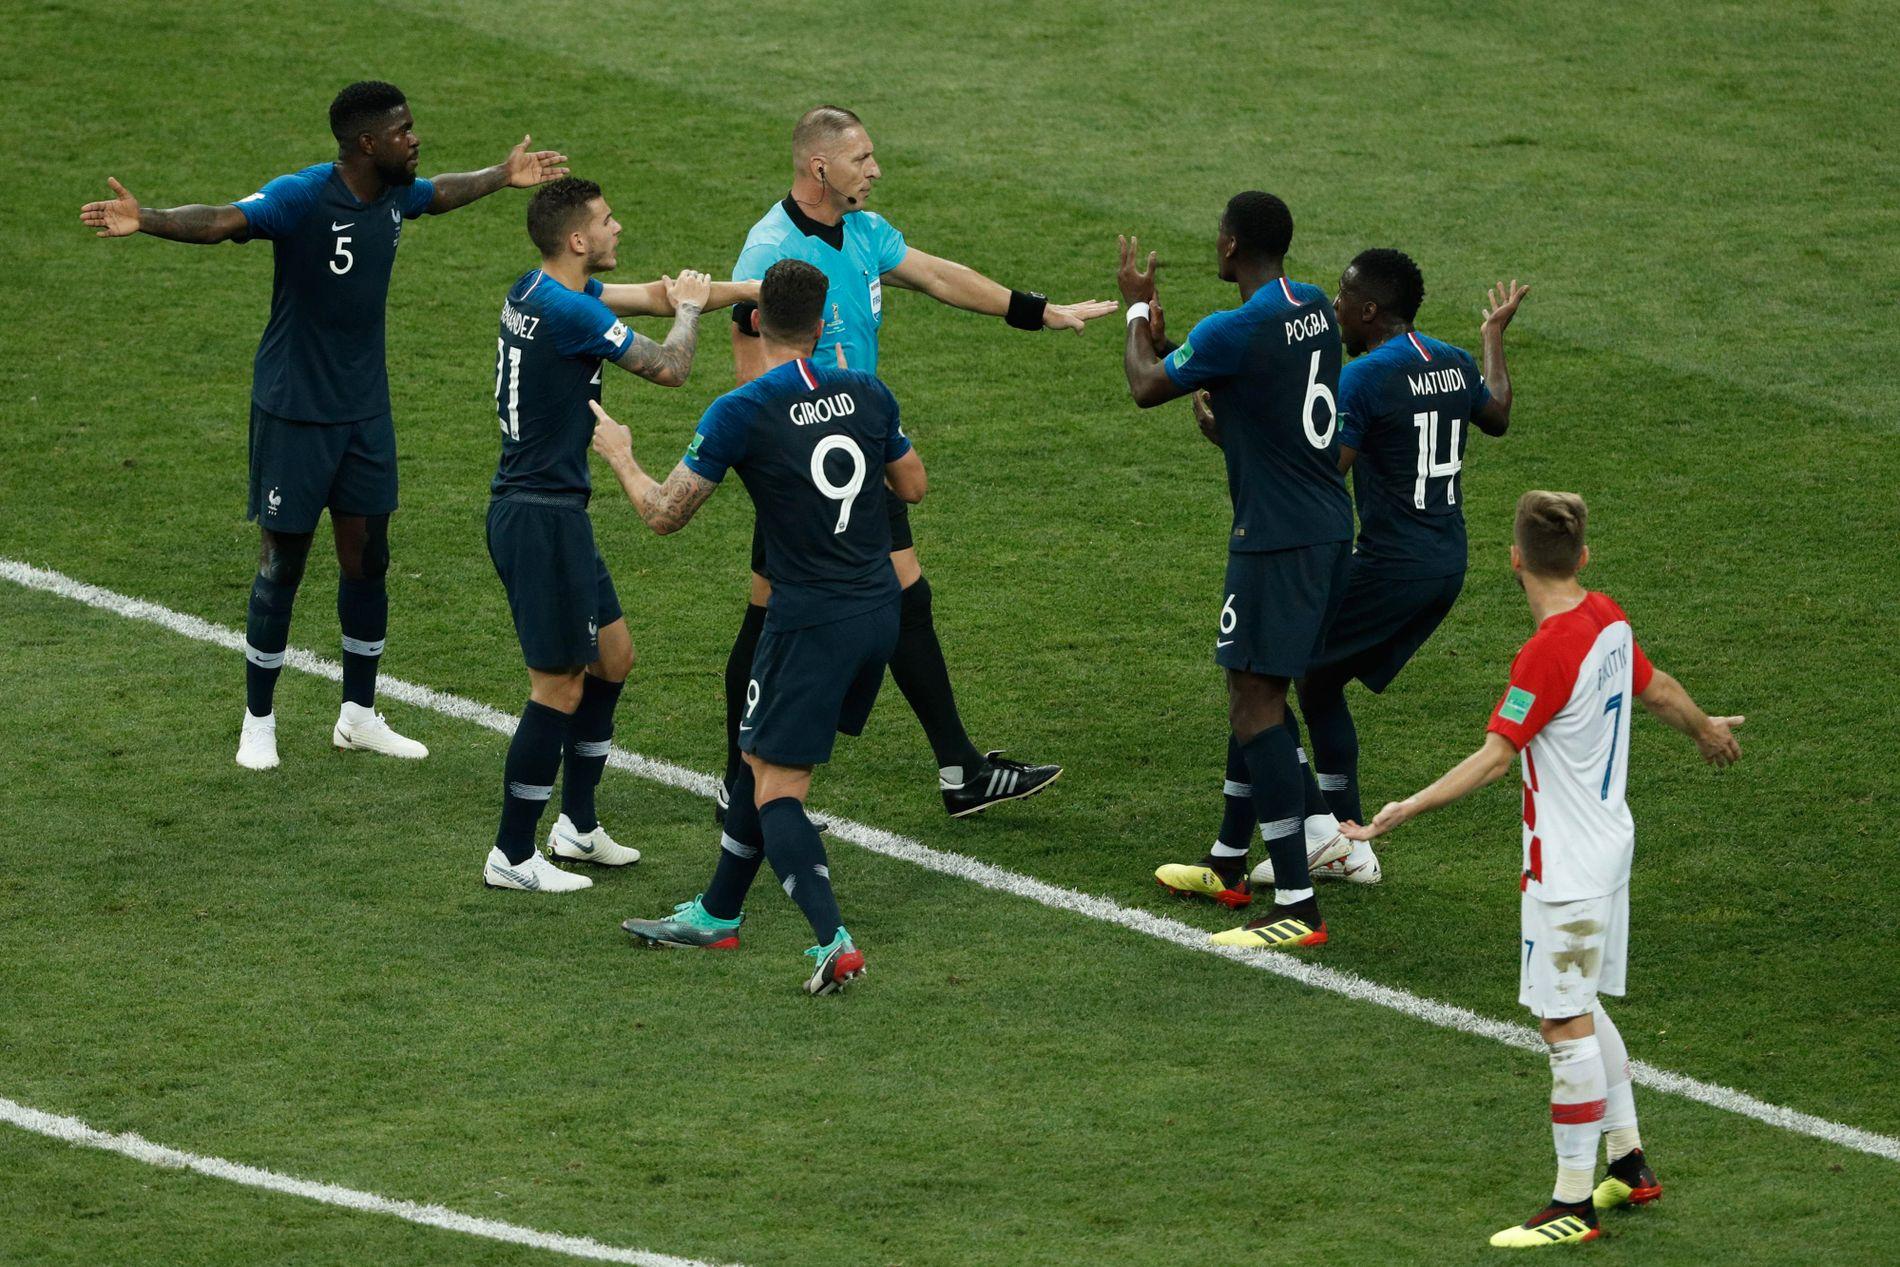 STRAFFE! De franske spillerne omringer Néstor Pitana og peker på armen. Fra venstre Samuel Umtiti, Lucas Hernández, Olivier Giroud, Paul Pogba og Blaise Matuidi får viljen sin. Etterpå kaller Ivan Rakitic (nærmest) avgjørelsen for en skam.